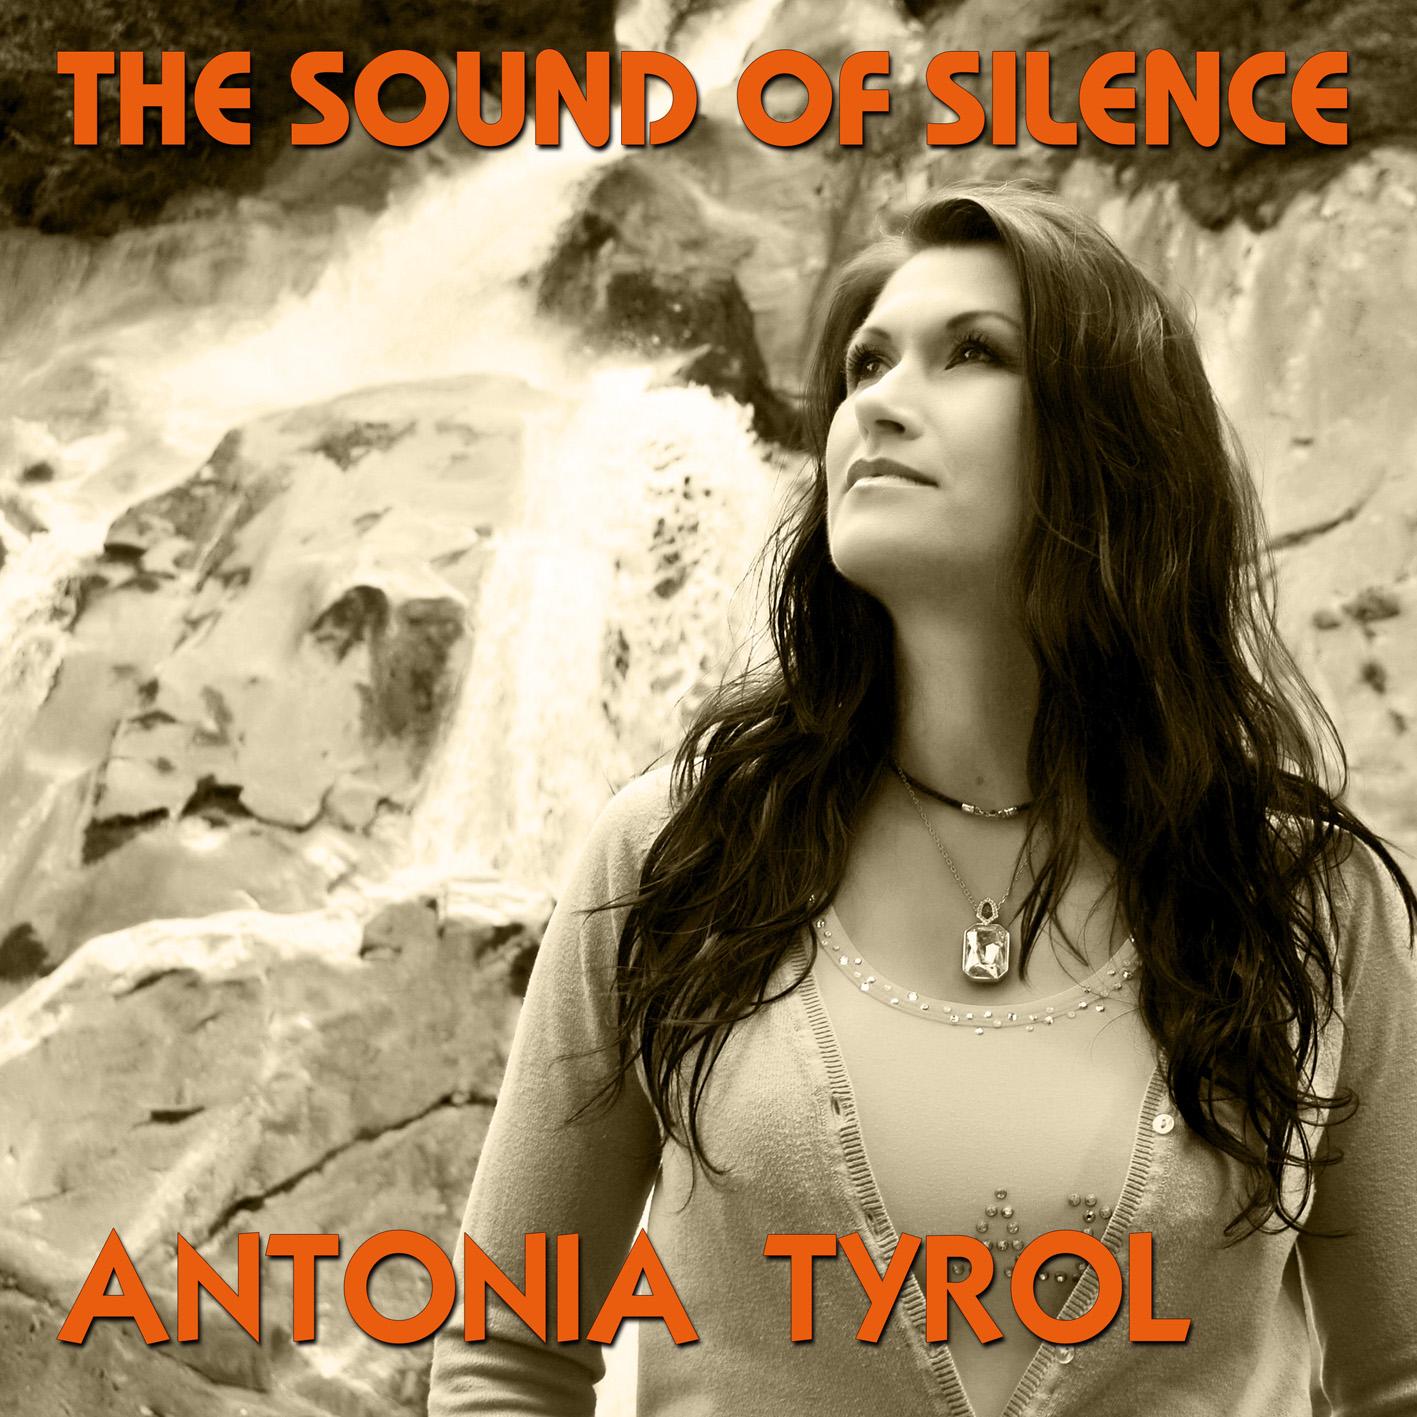 Antonia Tyrol-The Sound of Silence, die weibliche Version